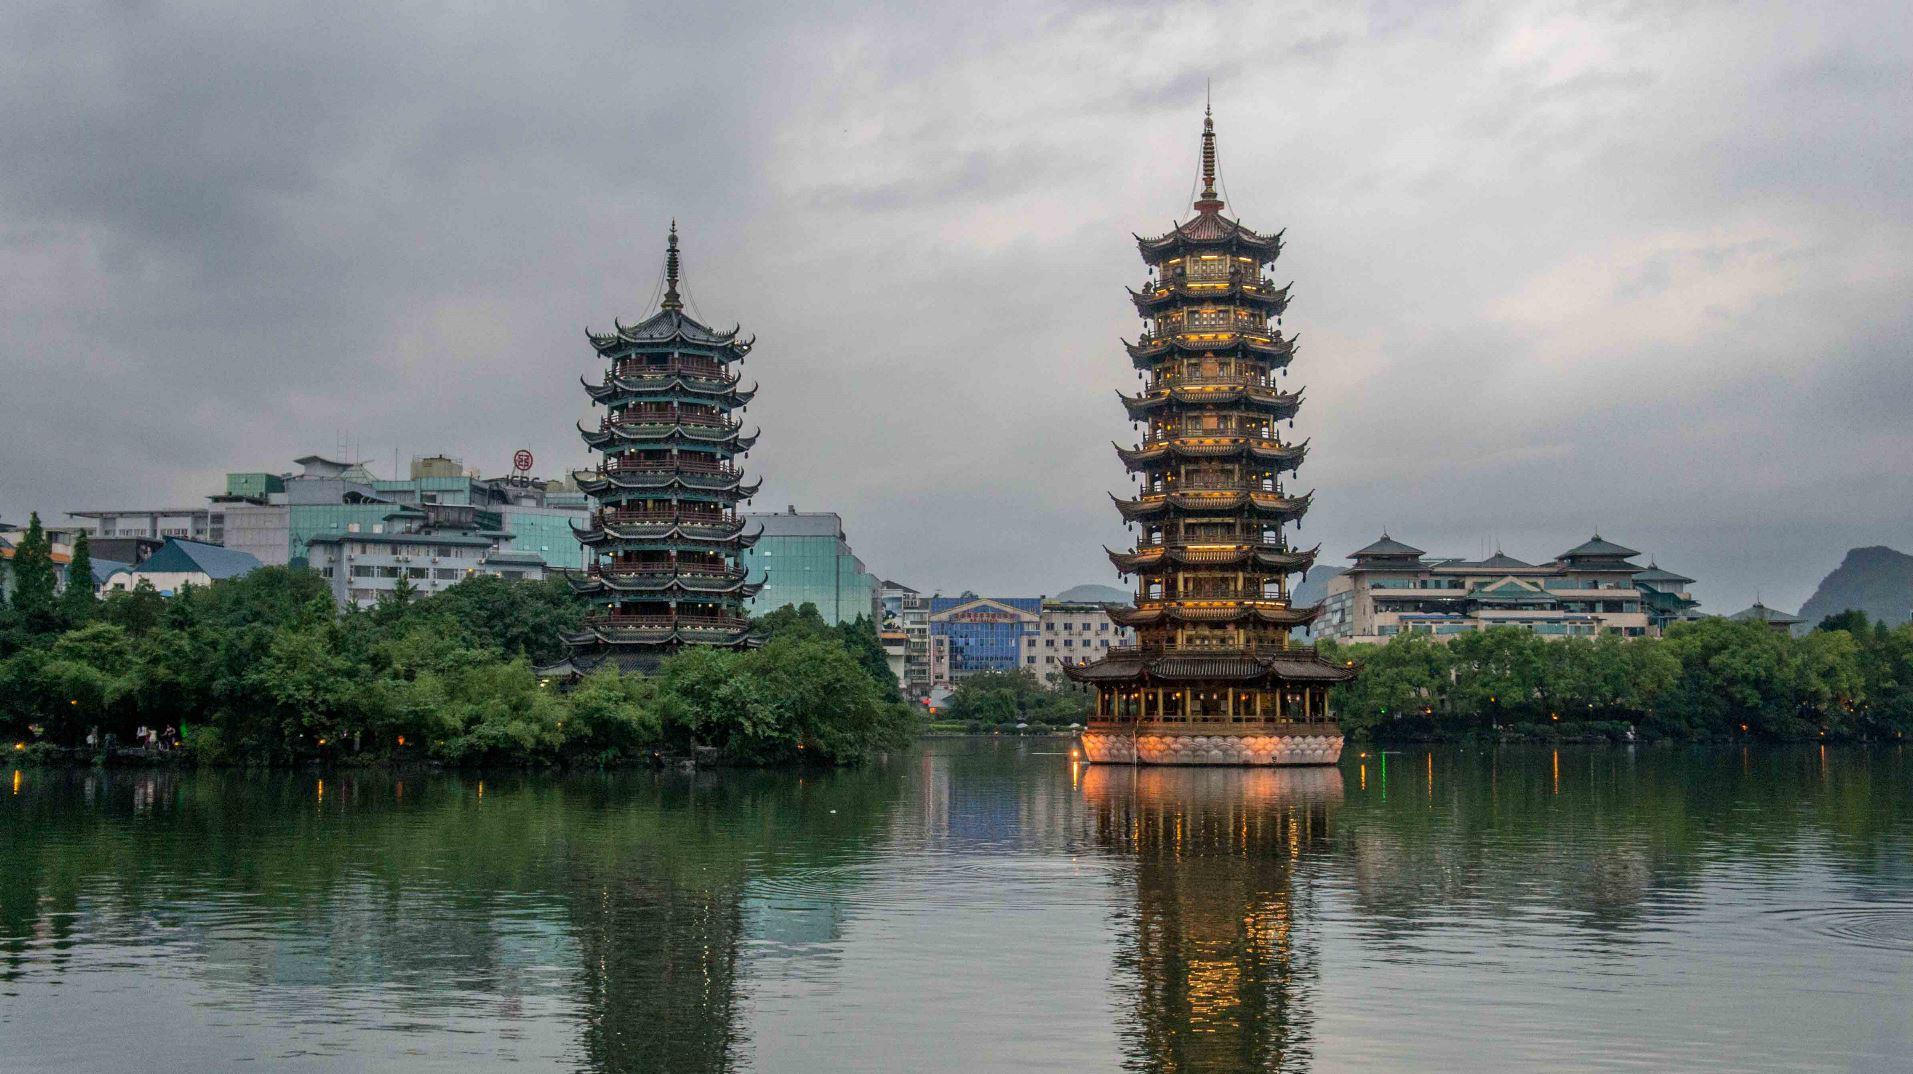 co zobaczyć w Guilin